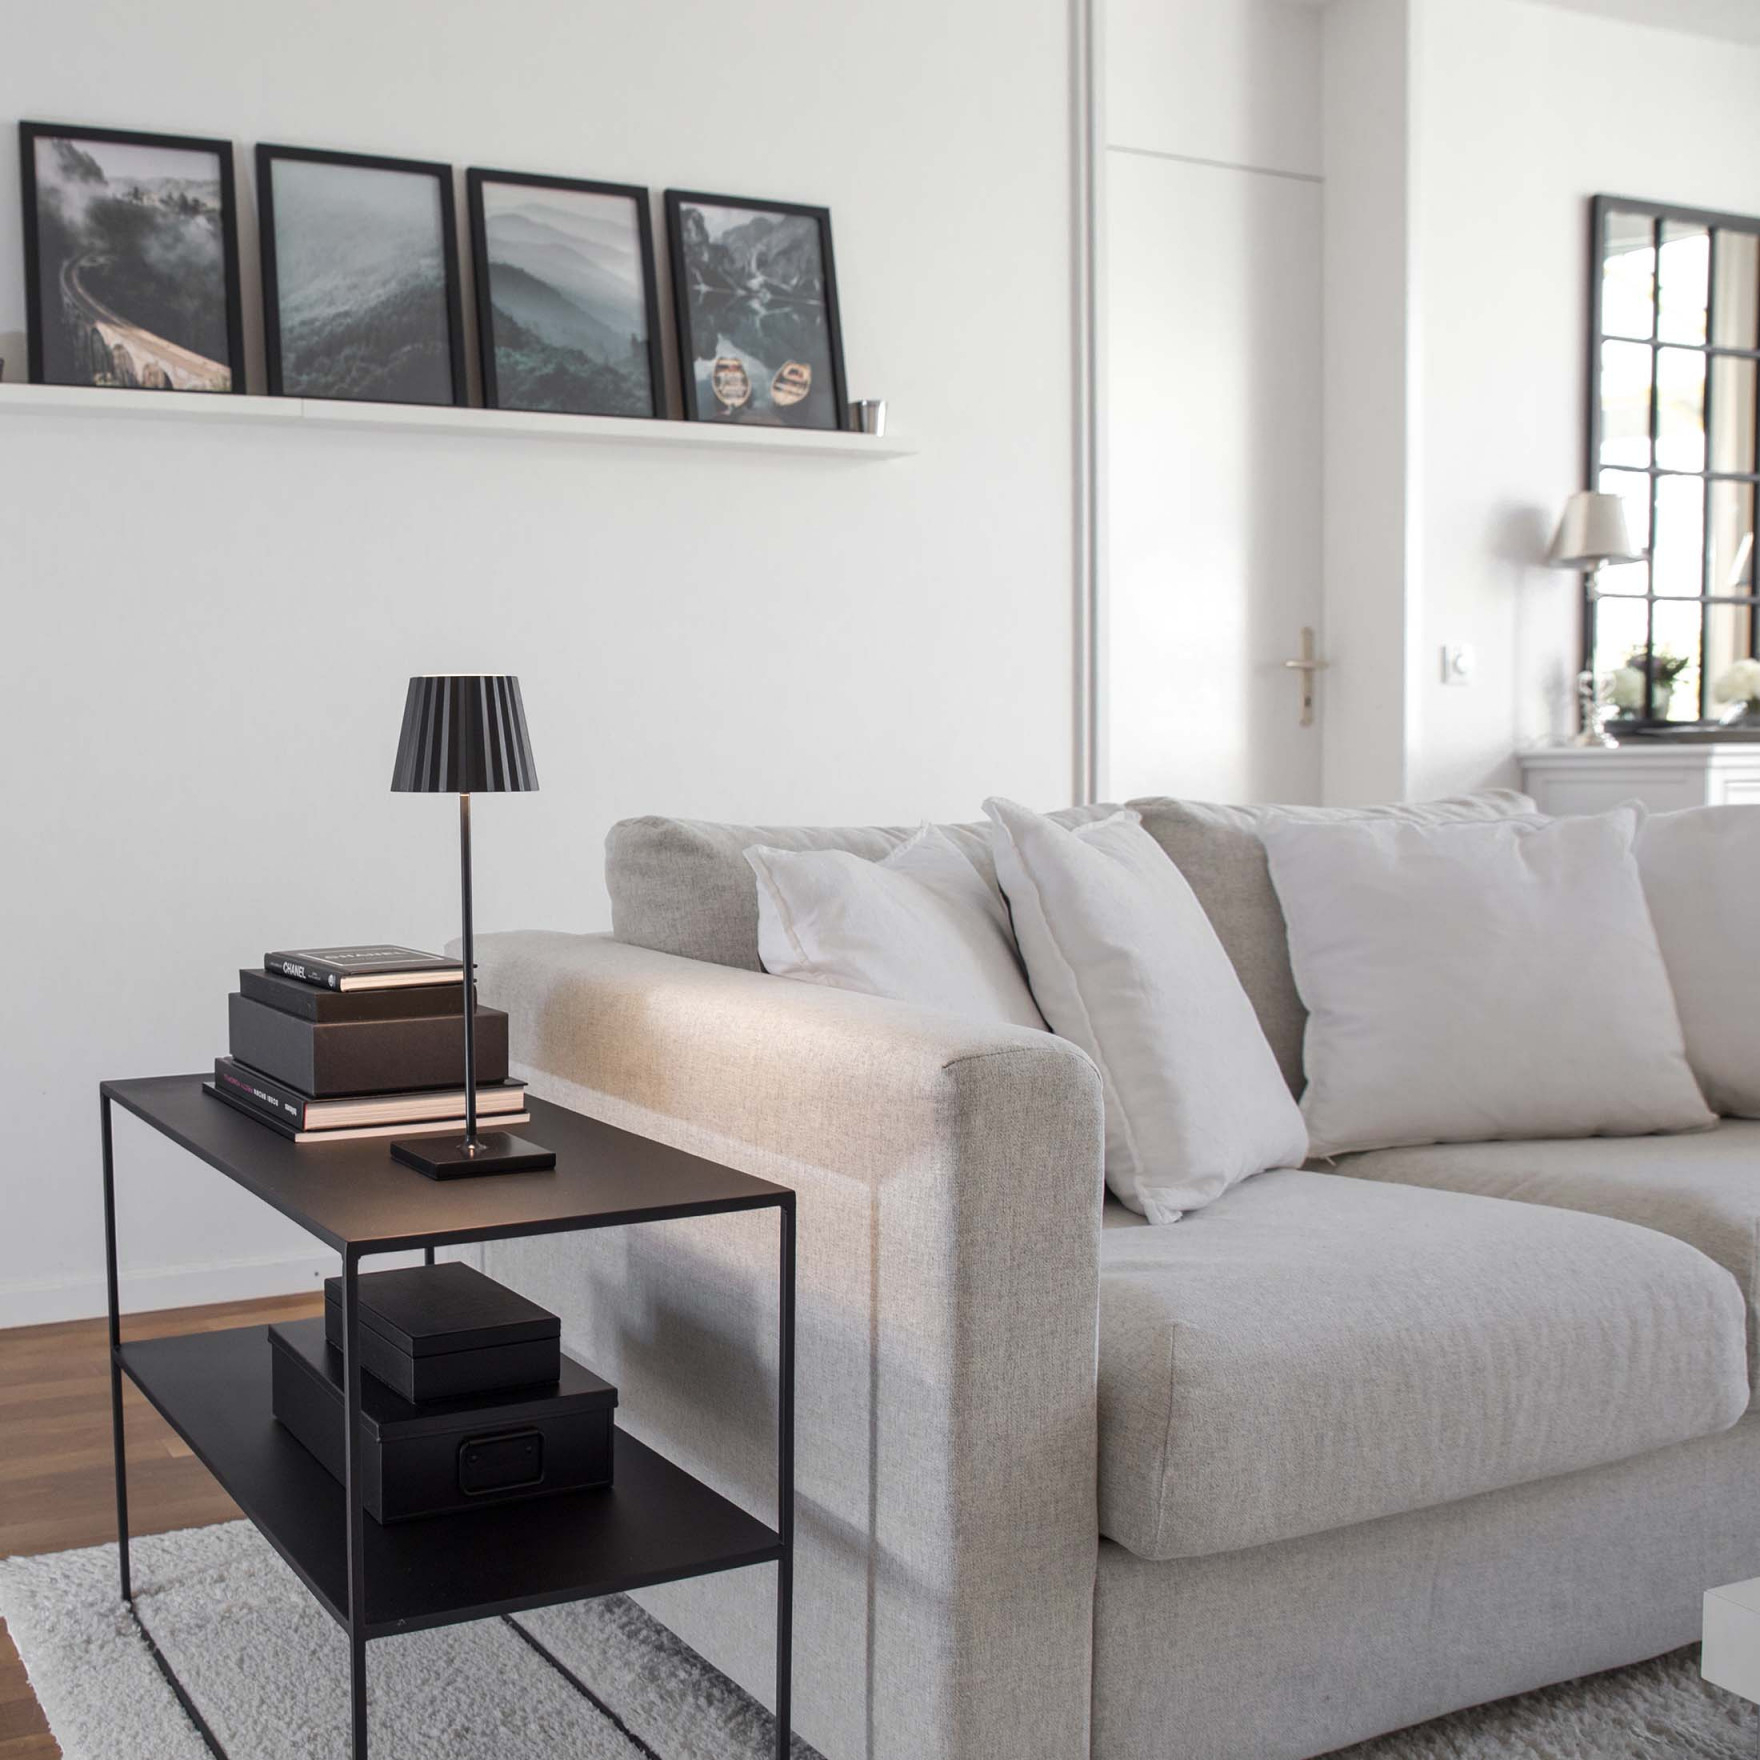 Monochrome Wohnen  Ideen  Tipps Zum Wohnen In Schwarz  Weiß von Wohnzimmer Ideen Schwarz Weiß Photo